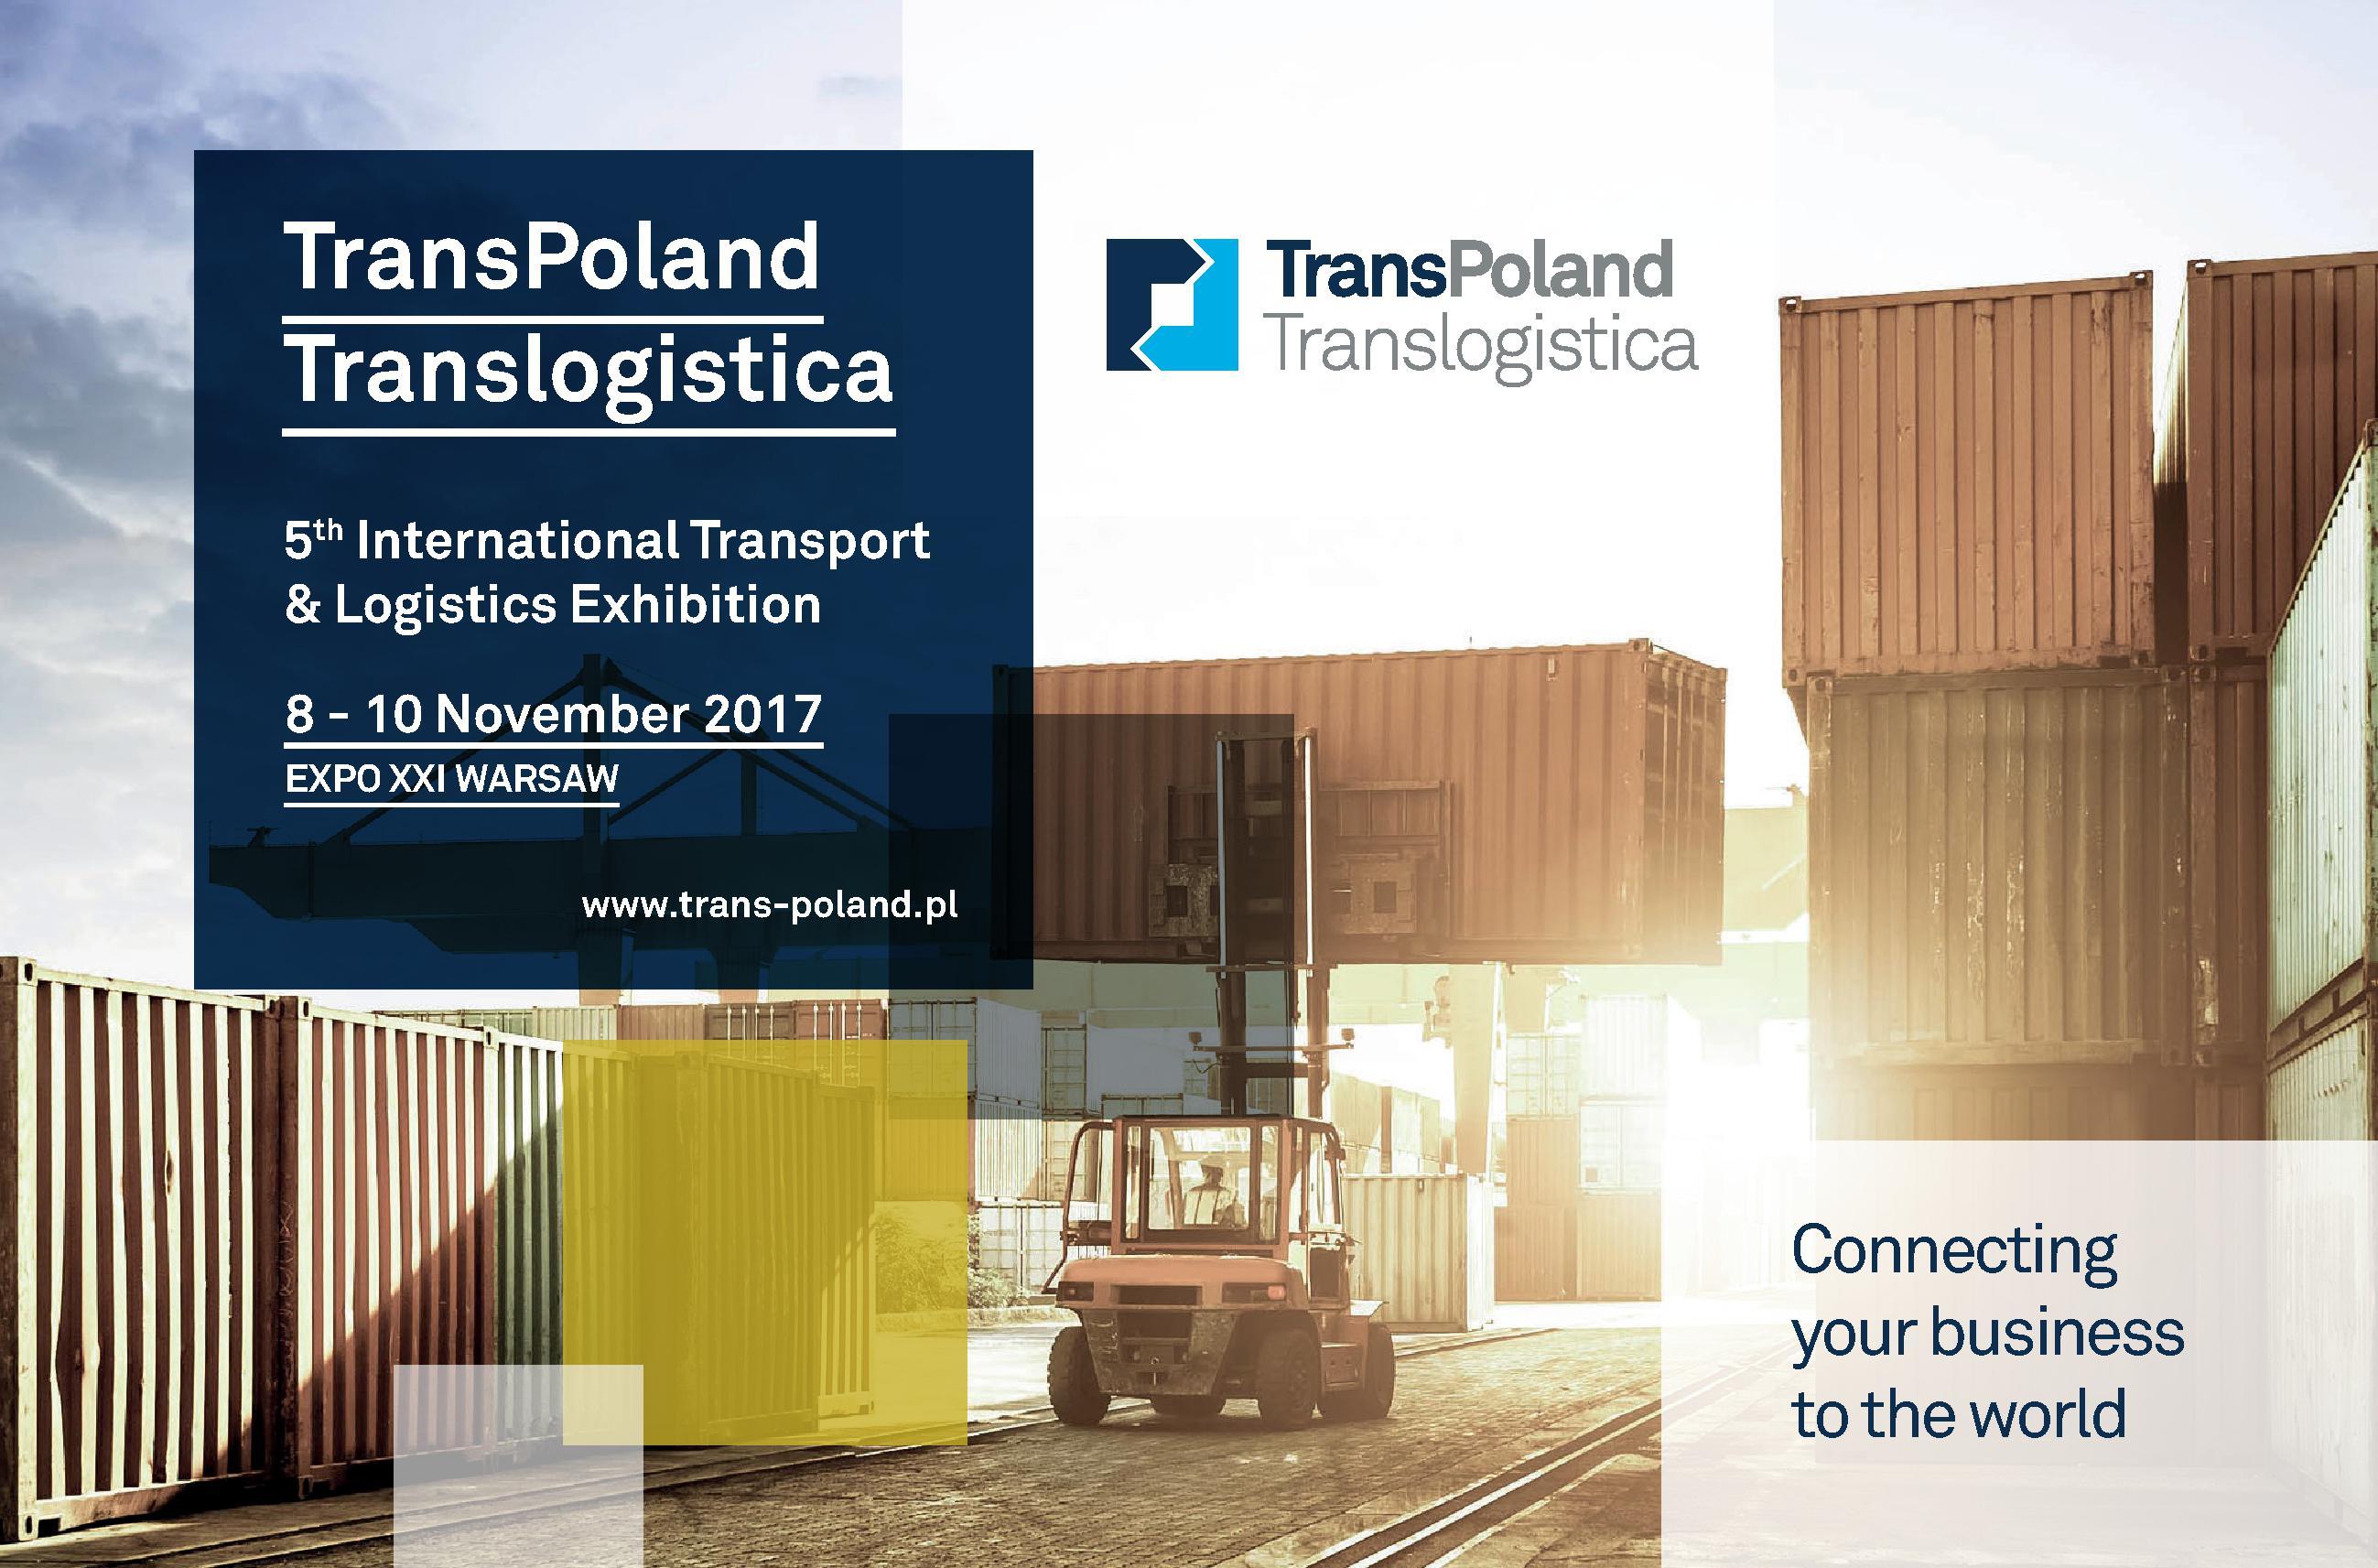 A cincea ediție a TransPoland Translogistica – industria de transport și logistică se reunește la Varșovia între 8 și 10 noiembrie 2017